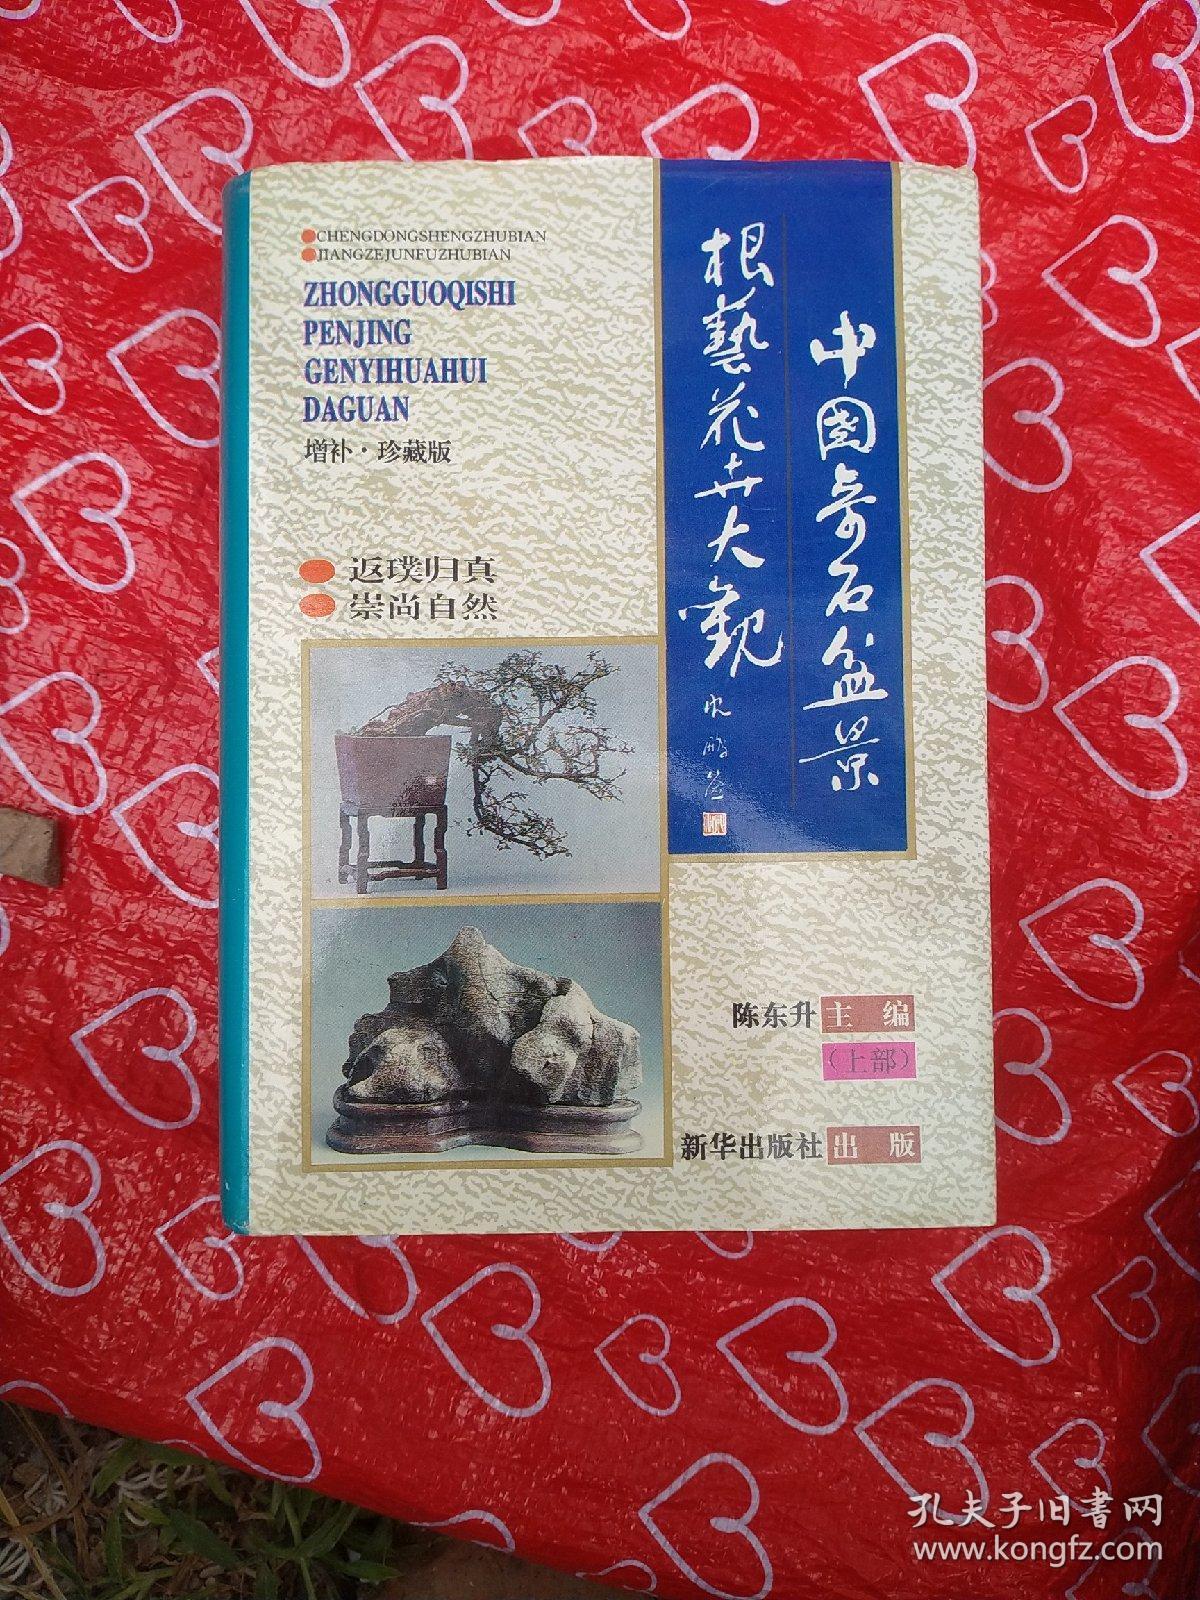 中国奇石盆景根艺花卉大观:增补·珍藏版